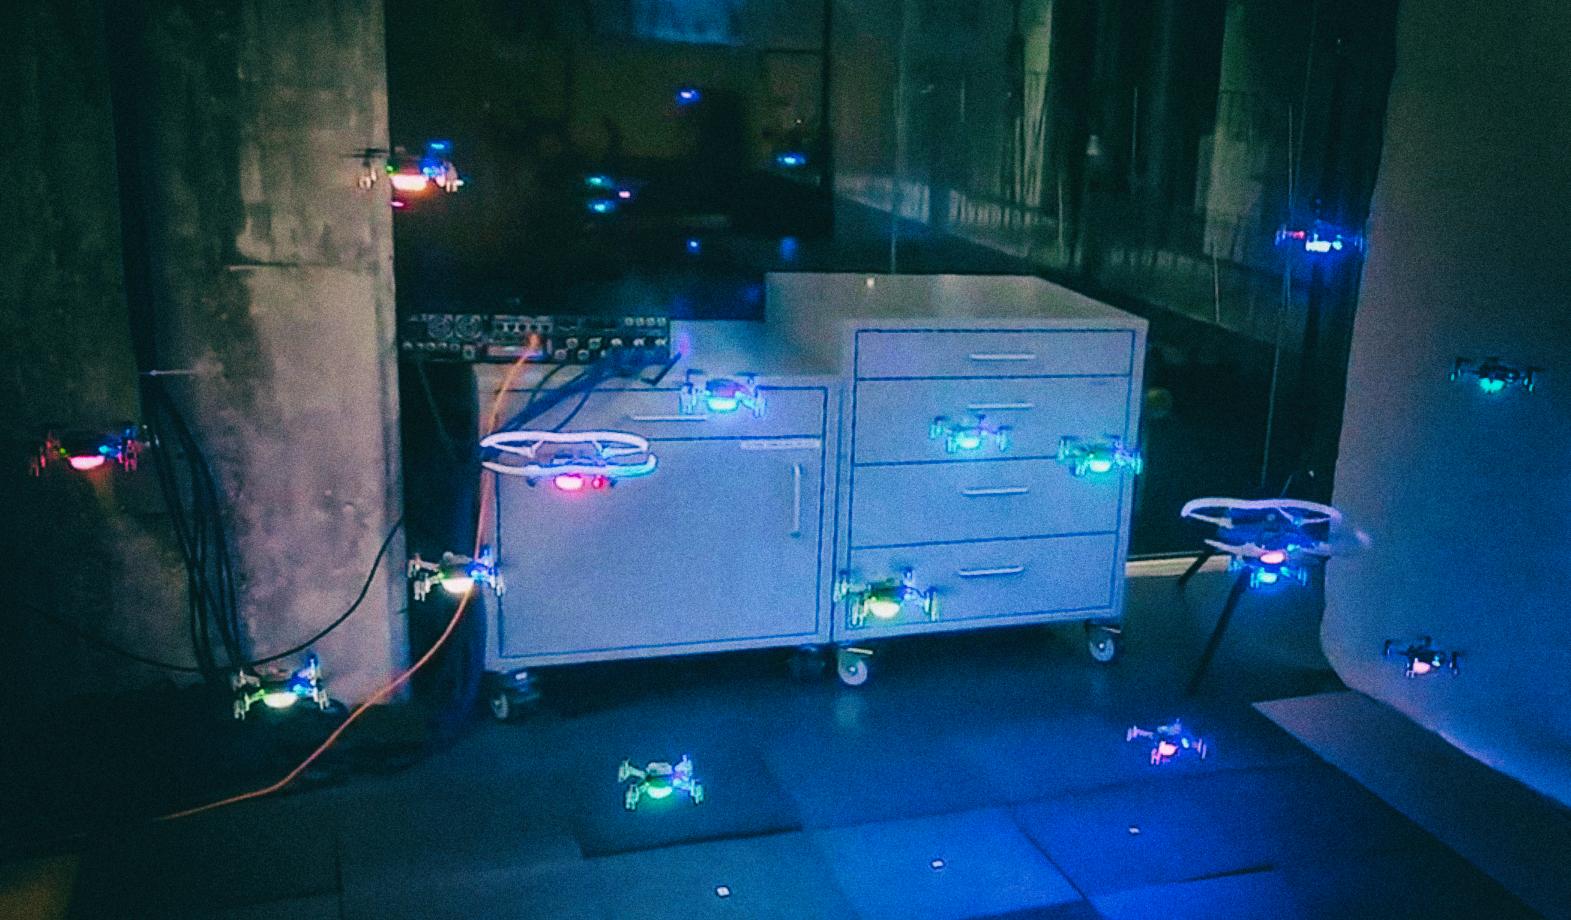 Искусственный интеллект научился управлять роями дронов